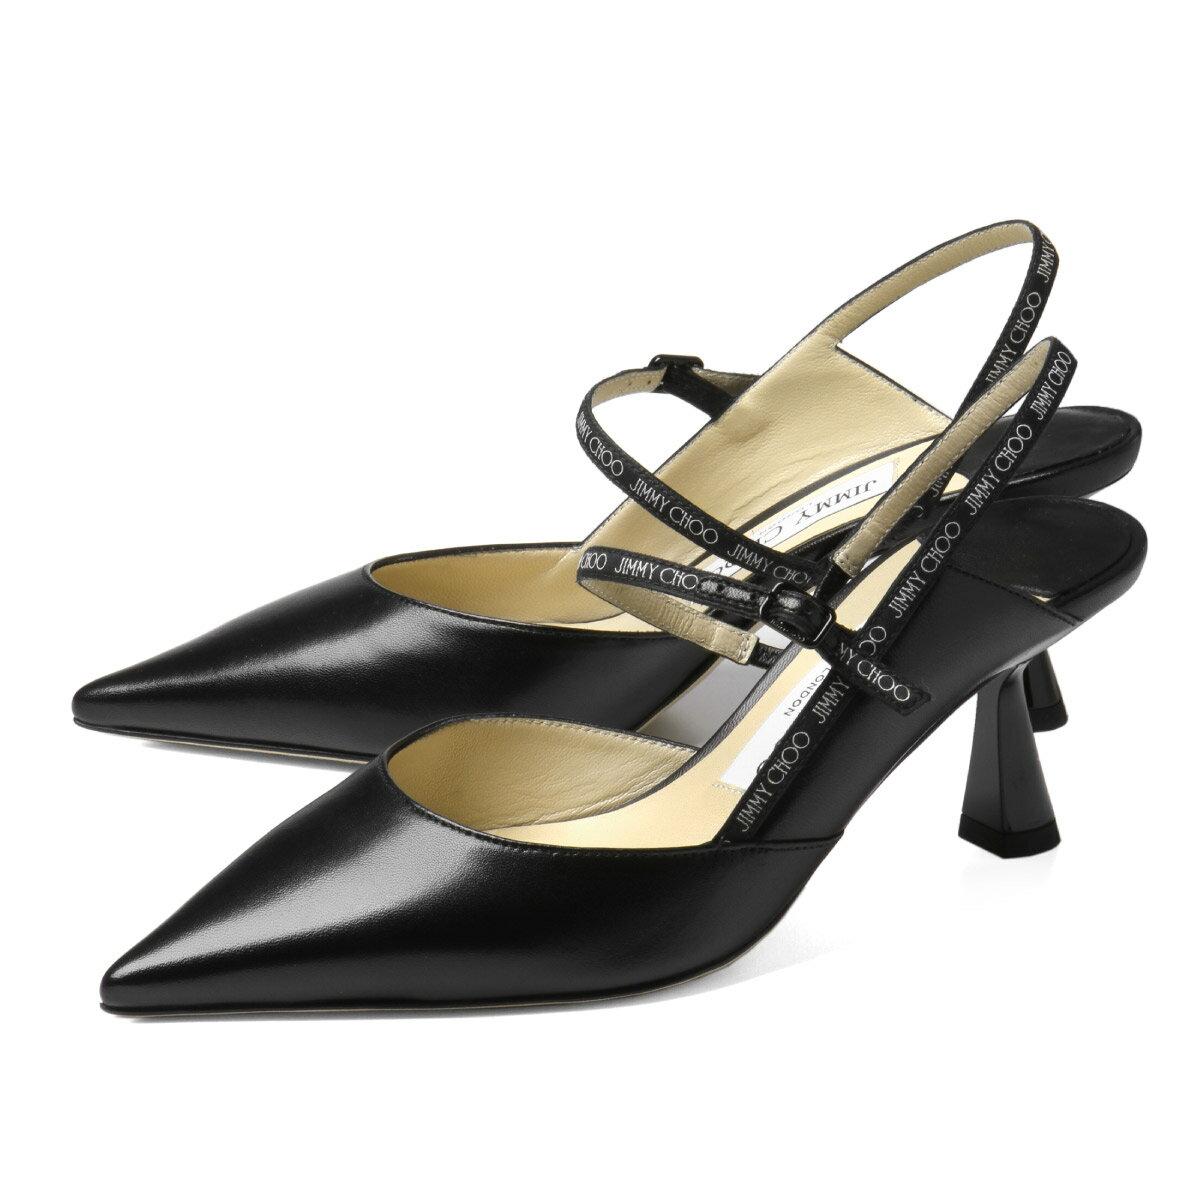 レディース靴, パンプス  JIMMY CHOO RAY 65 JWR RAY BLACK